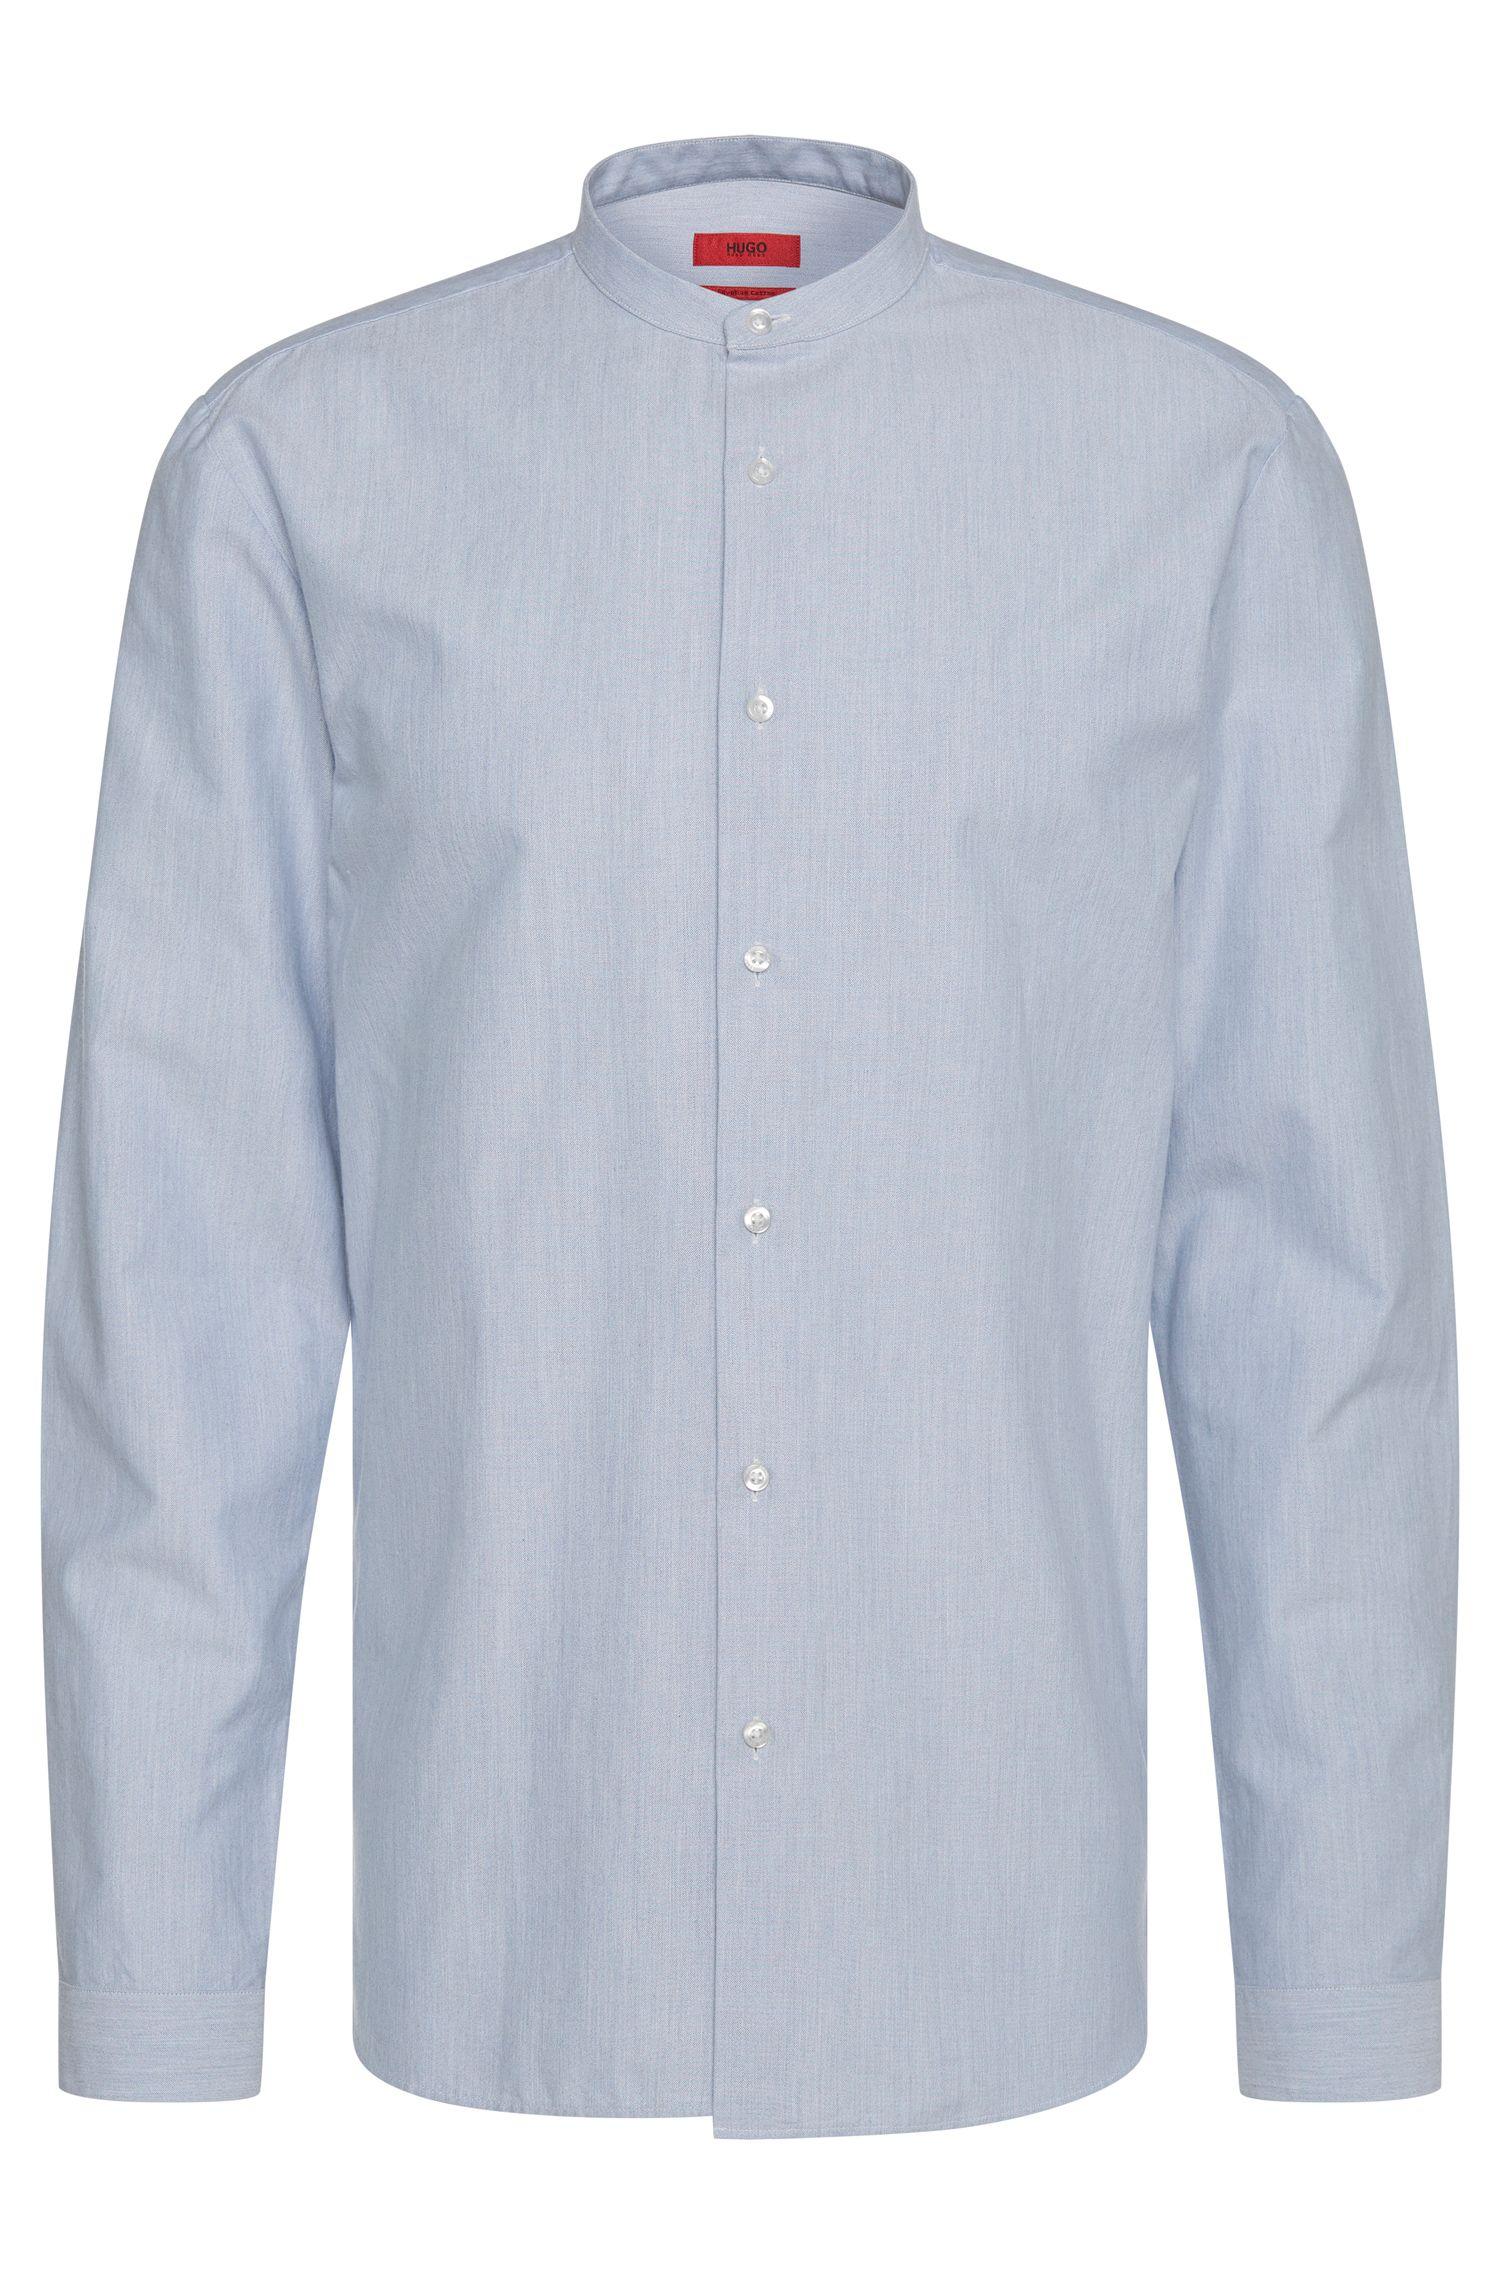 Regular-Fit Hemd aus Baumwolle mit kurzem Stehkragen: 'Eddison'